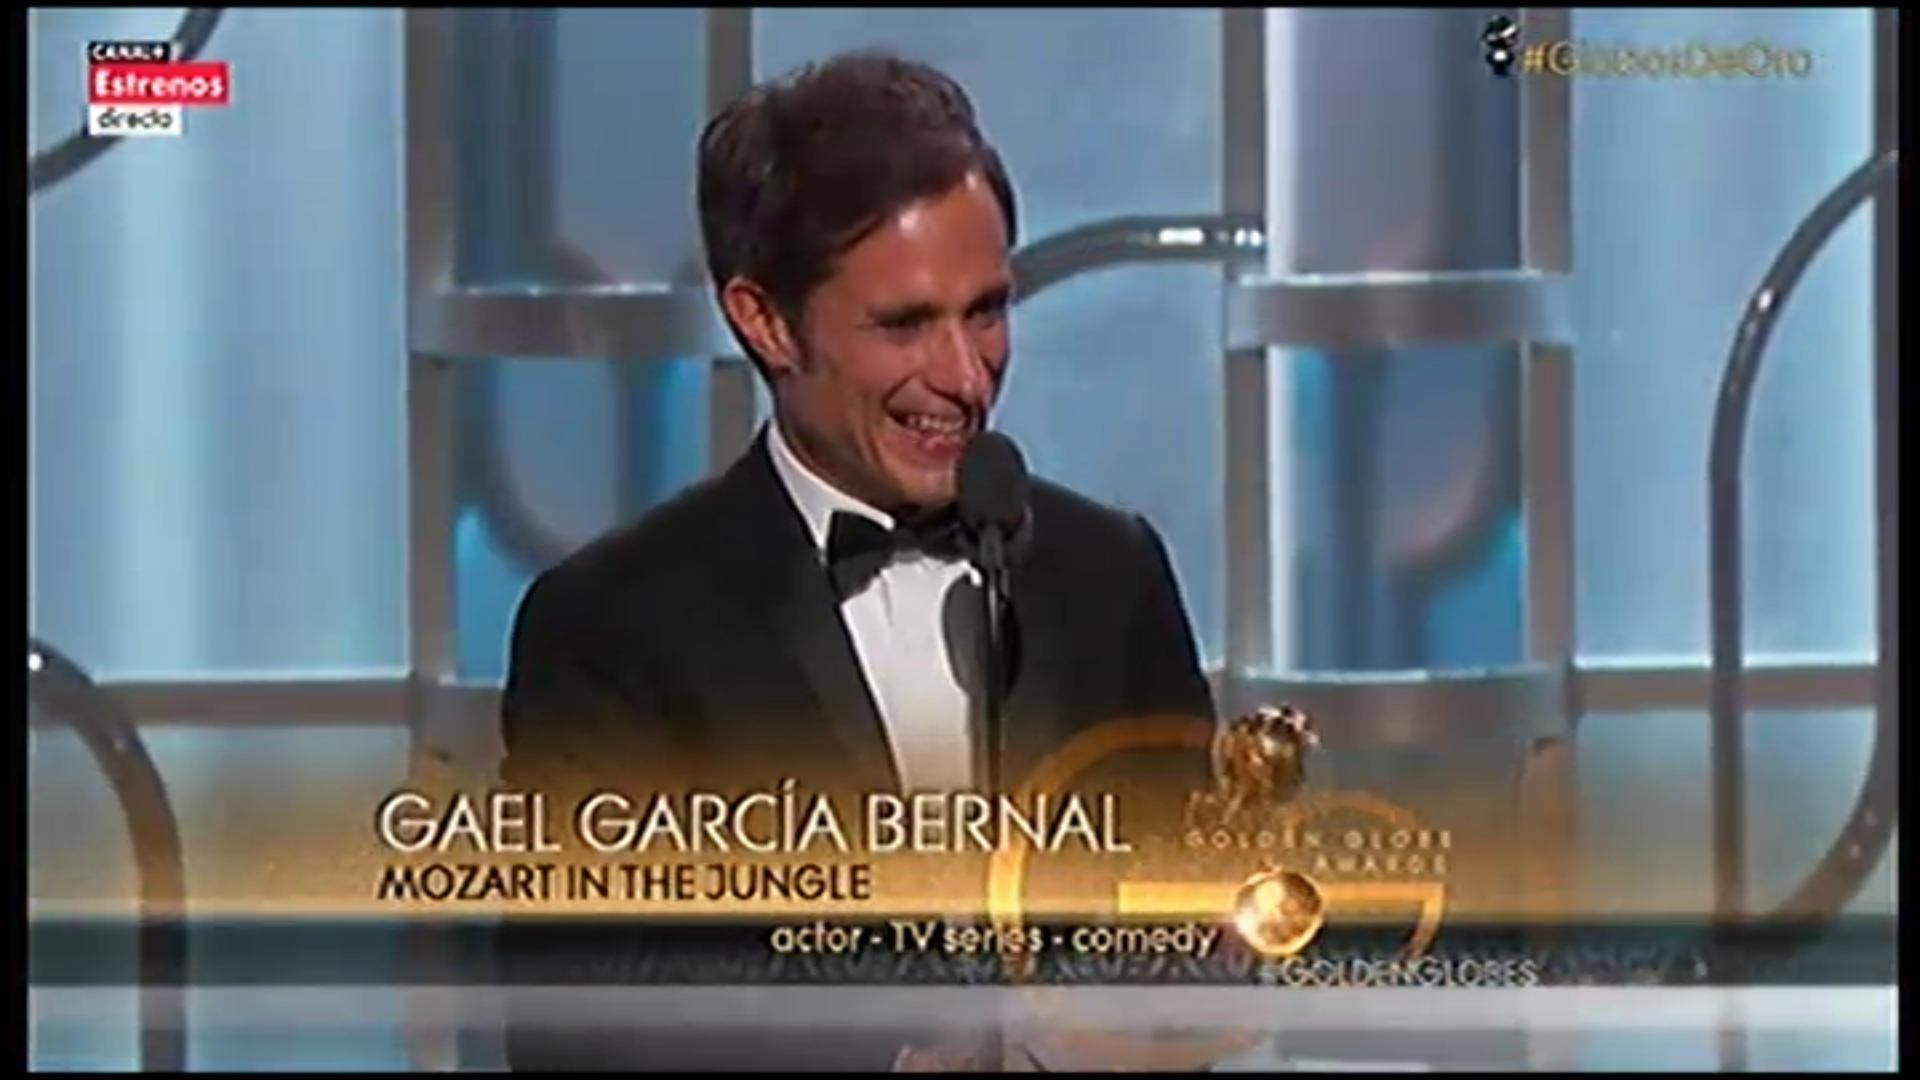 El actor Gael Garcia Bernal recoge su primer Globo de Oro